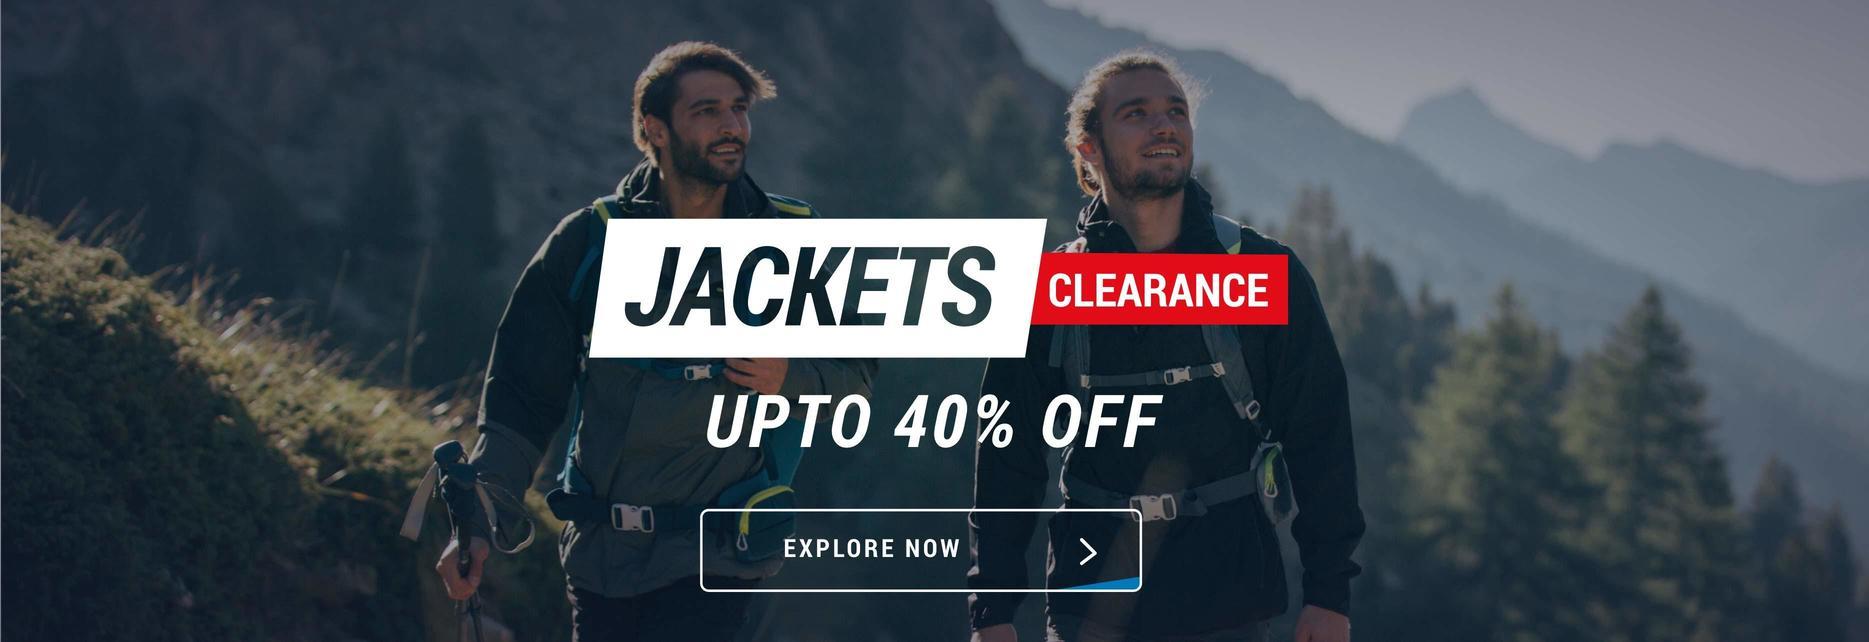 Decathlon Clearance Jackets